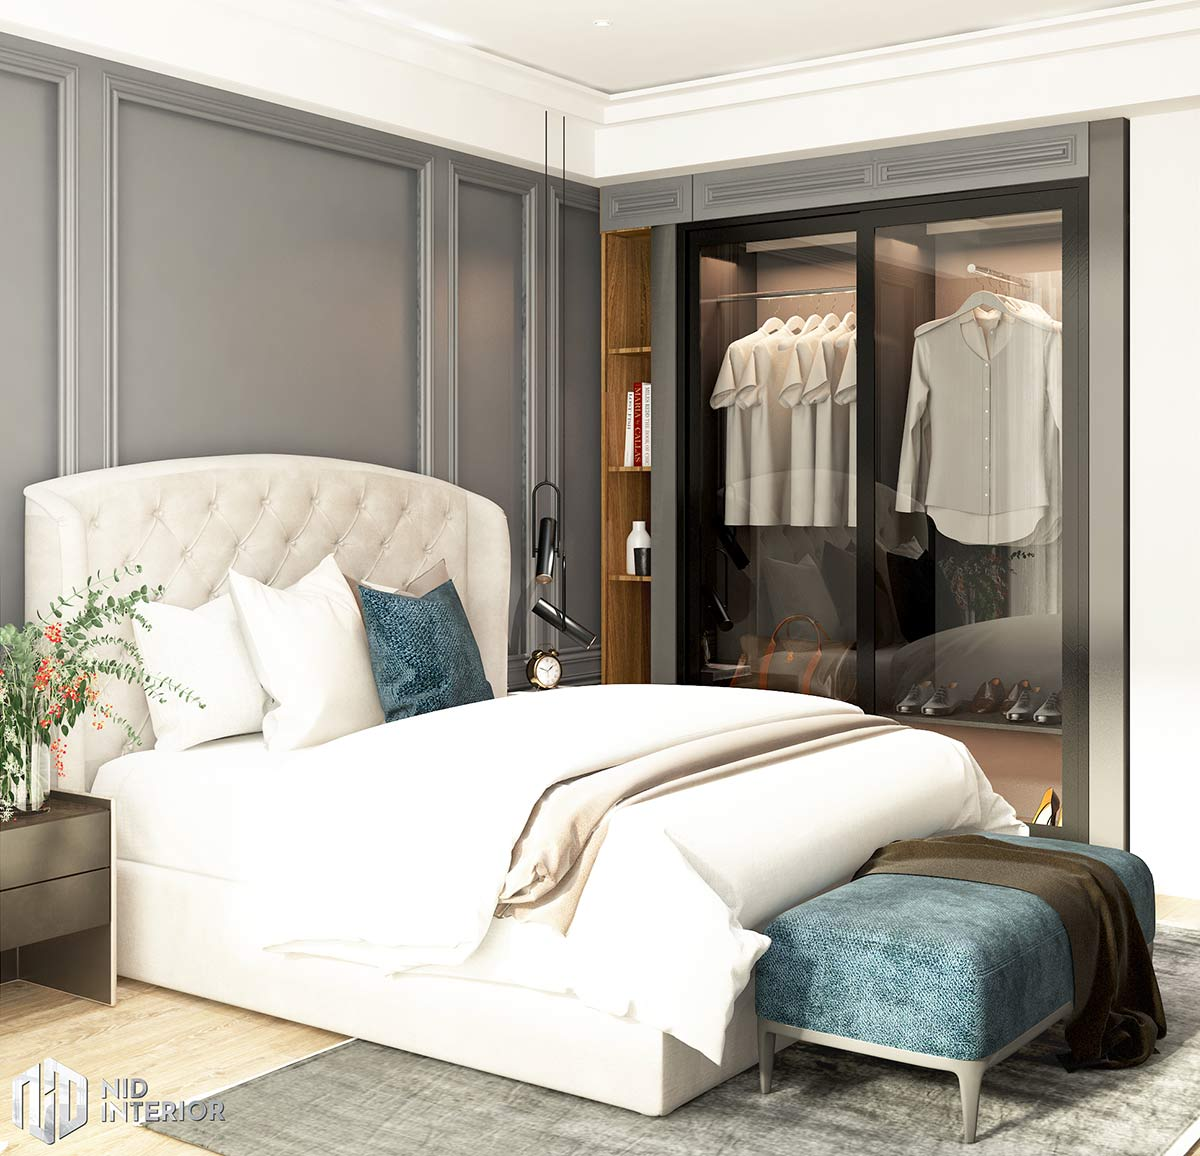 Căn hộ Vinhomes Grand Park 3 phòng ngủ - Phòng ngủ master